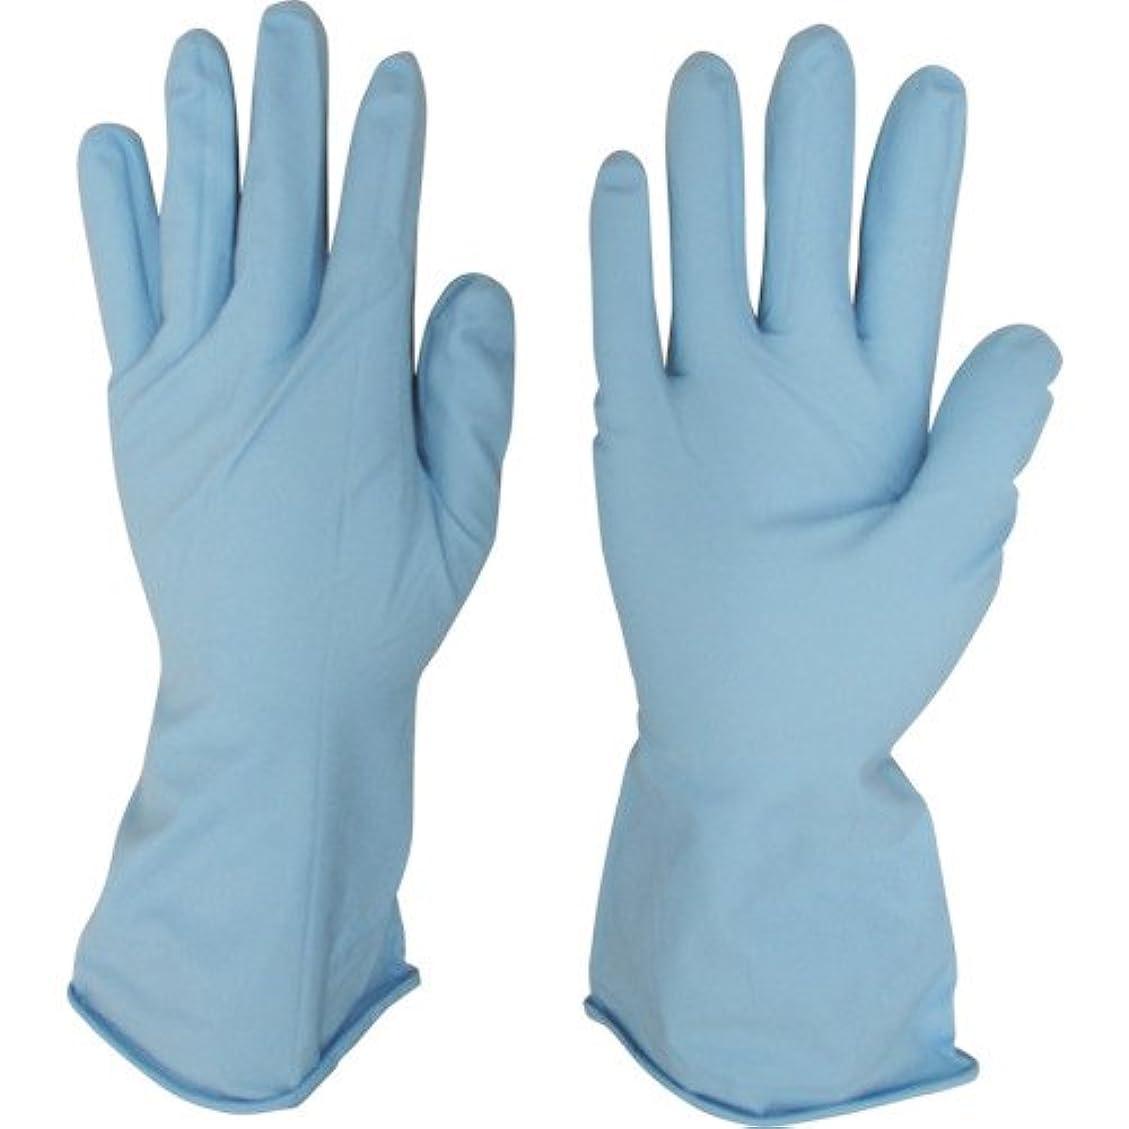 宇都宮製作 作業用手袋 シンガーニトリル薄手手袋 パウダーフリー ブルー 10双入 S